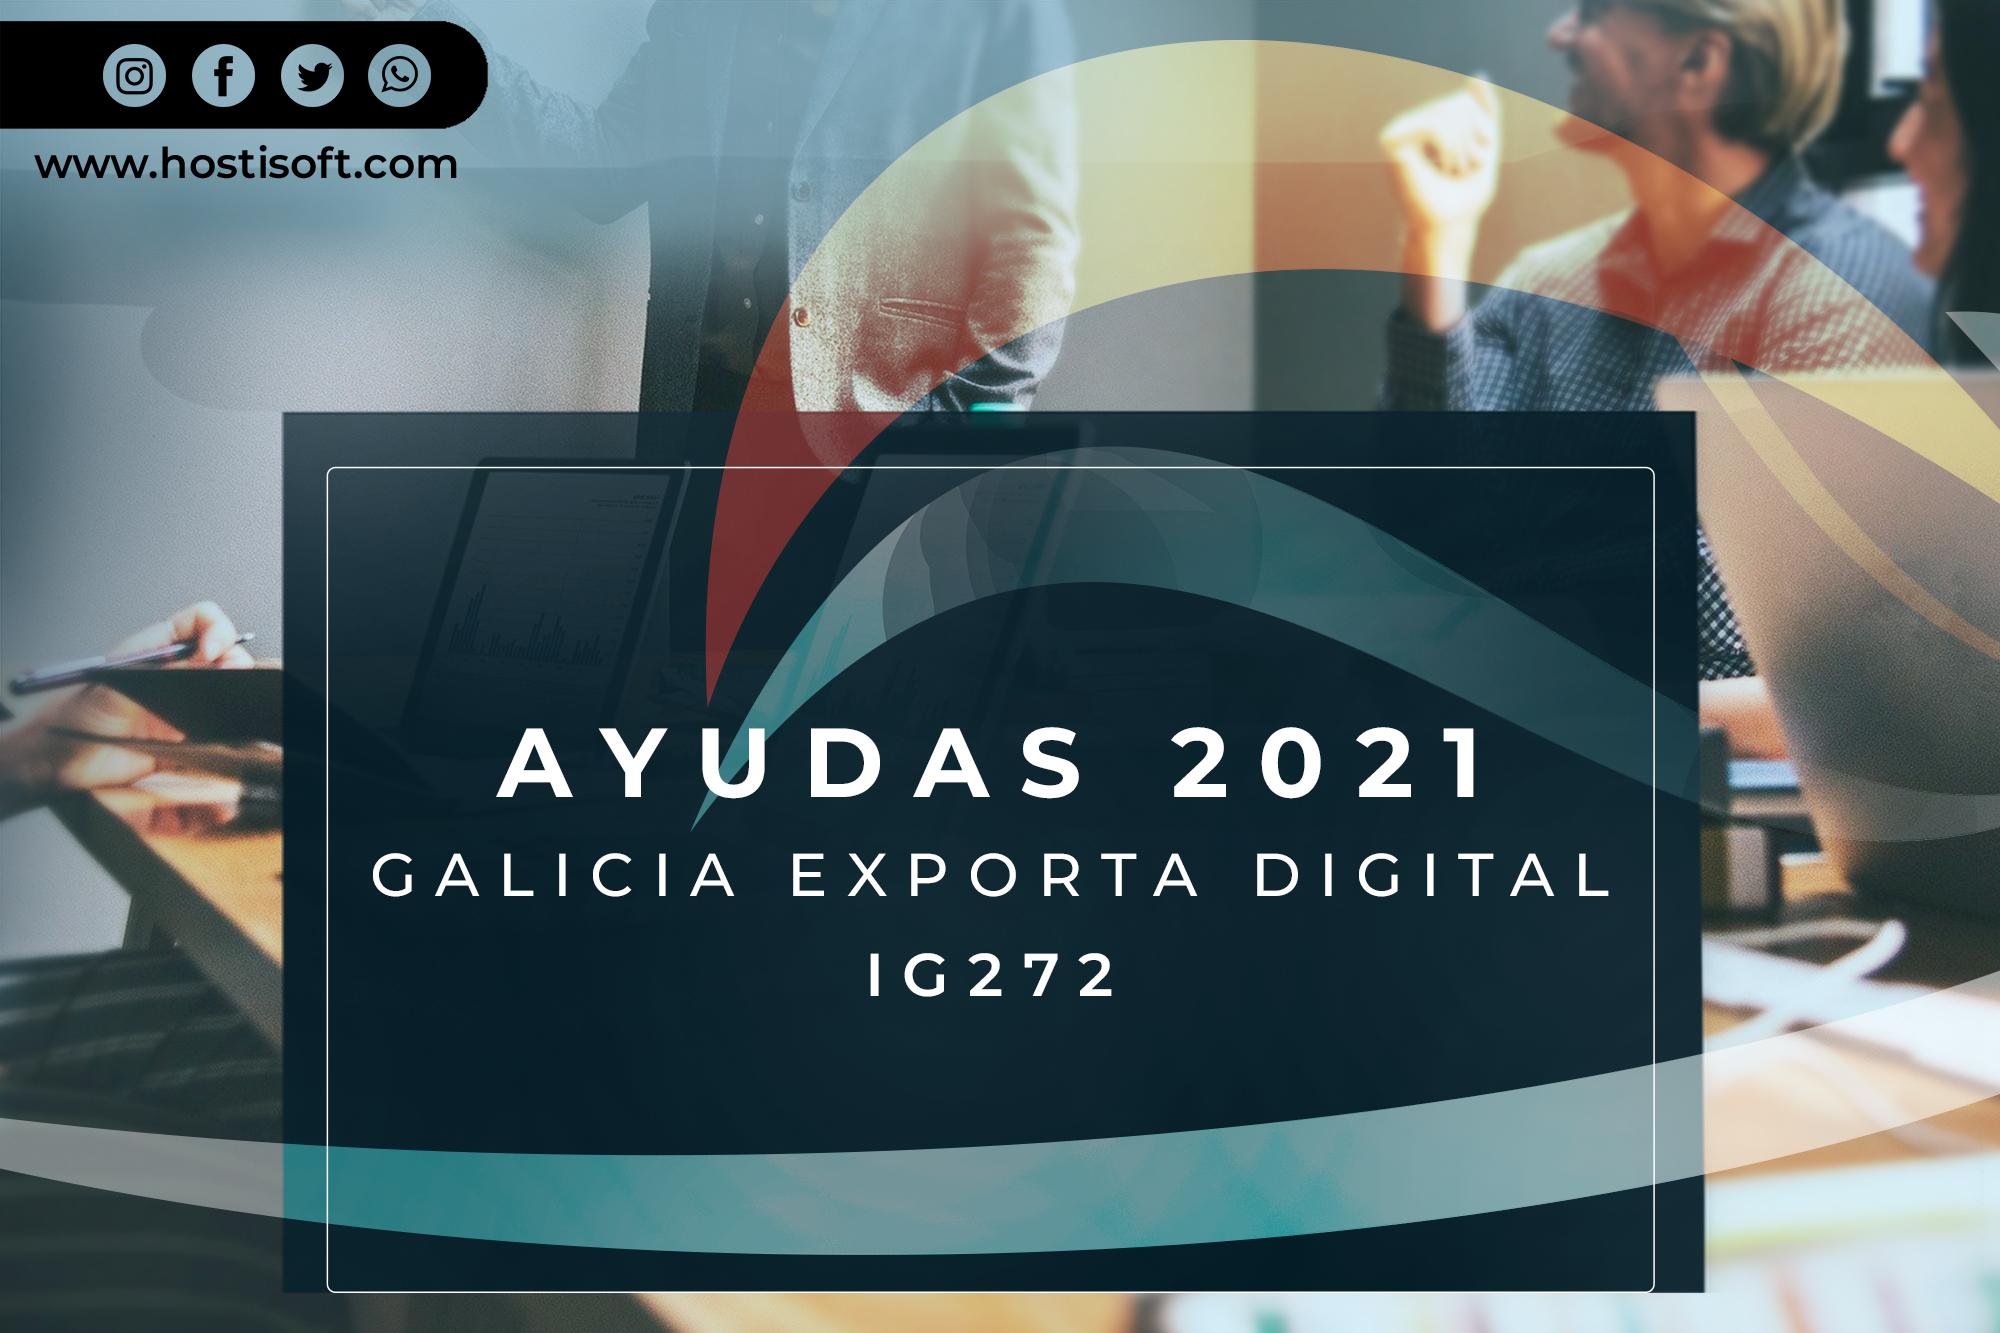 Ayudas Galicia Exporta Digital